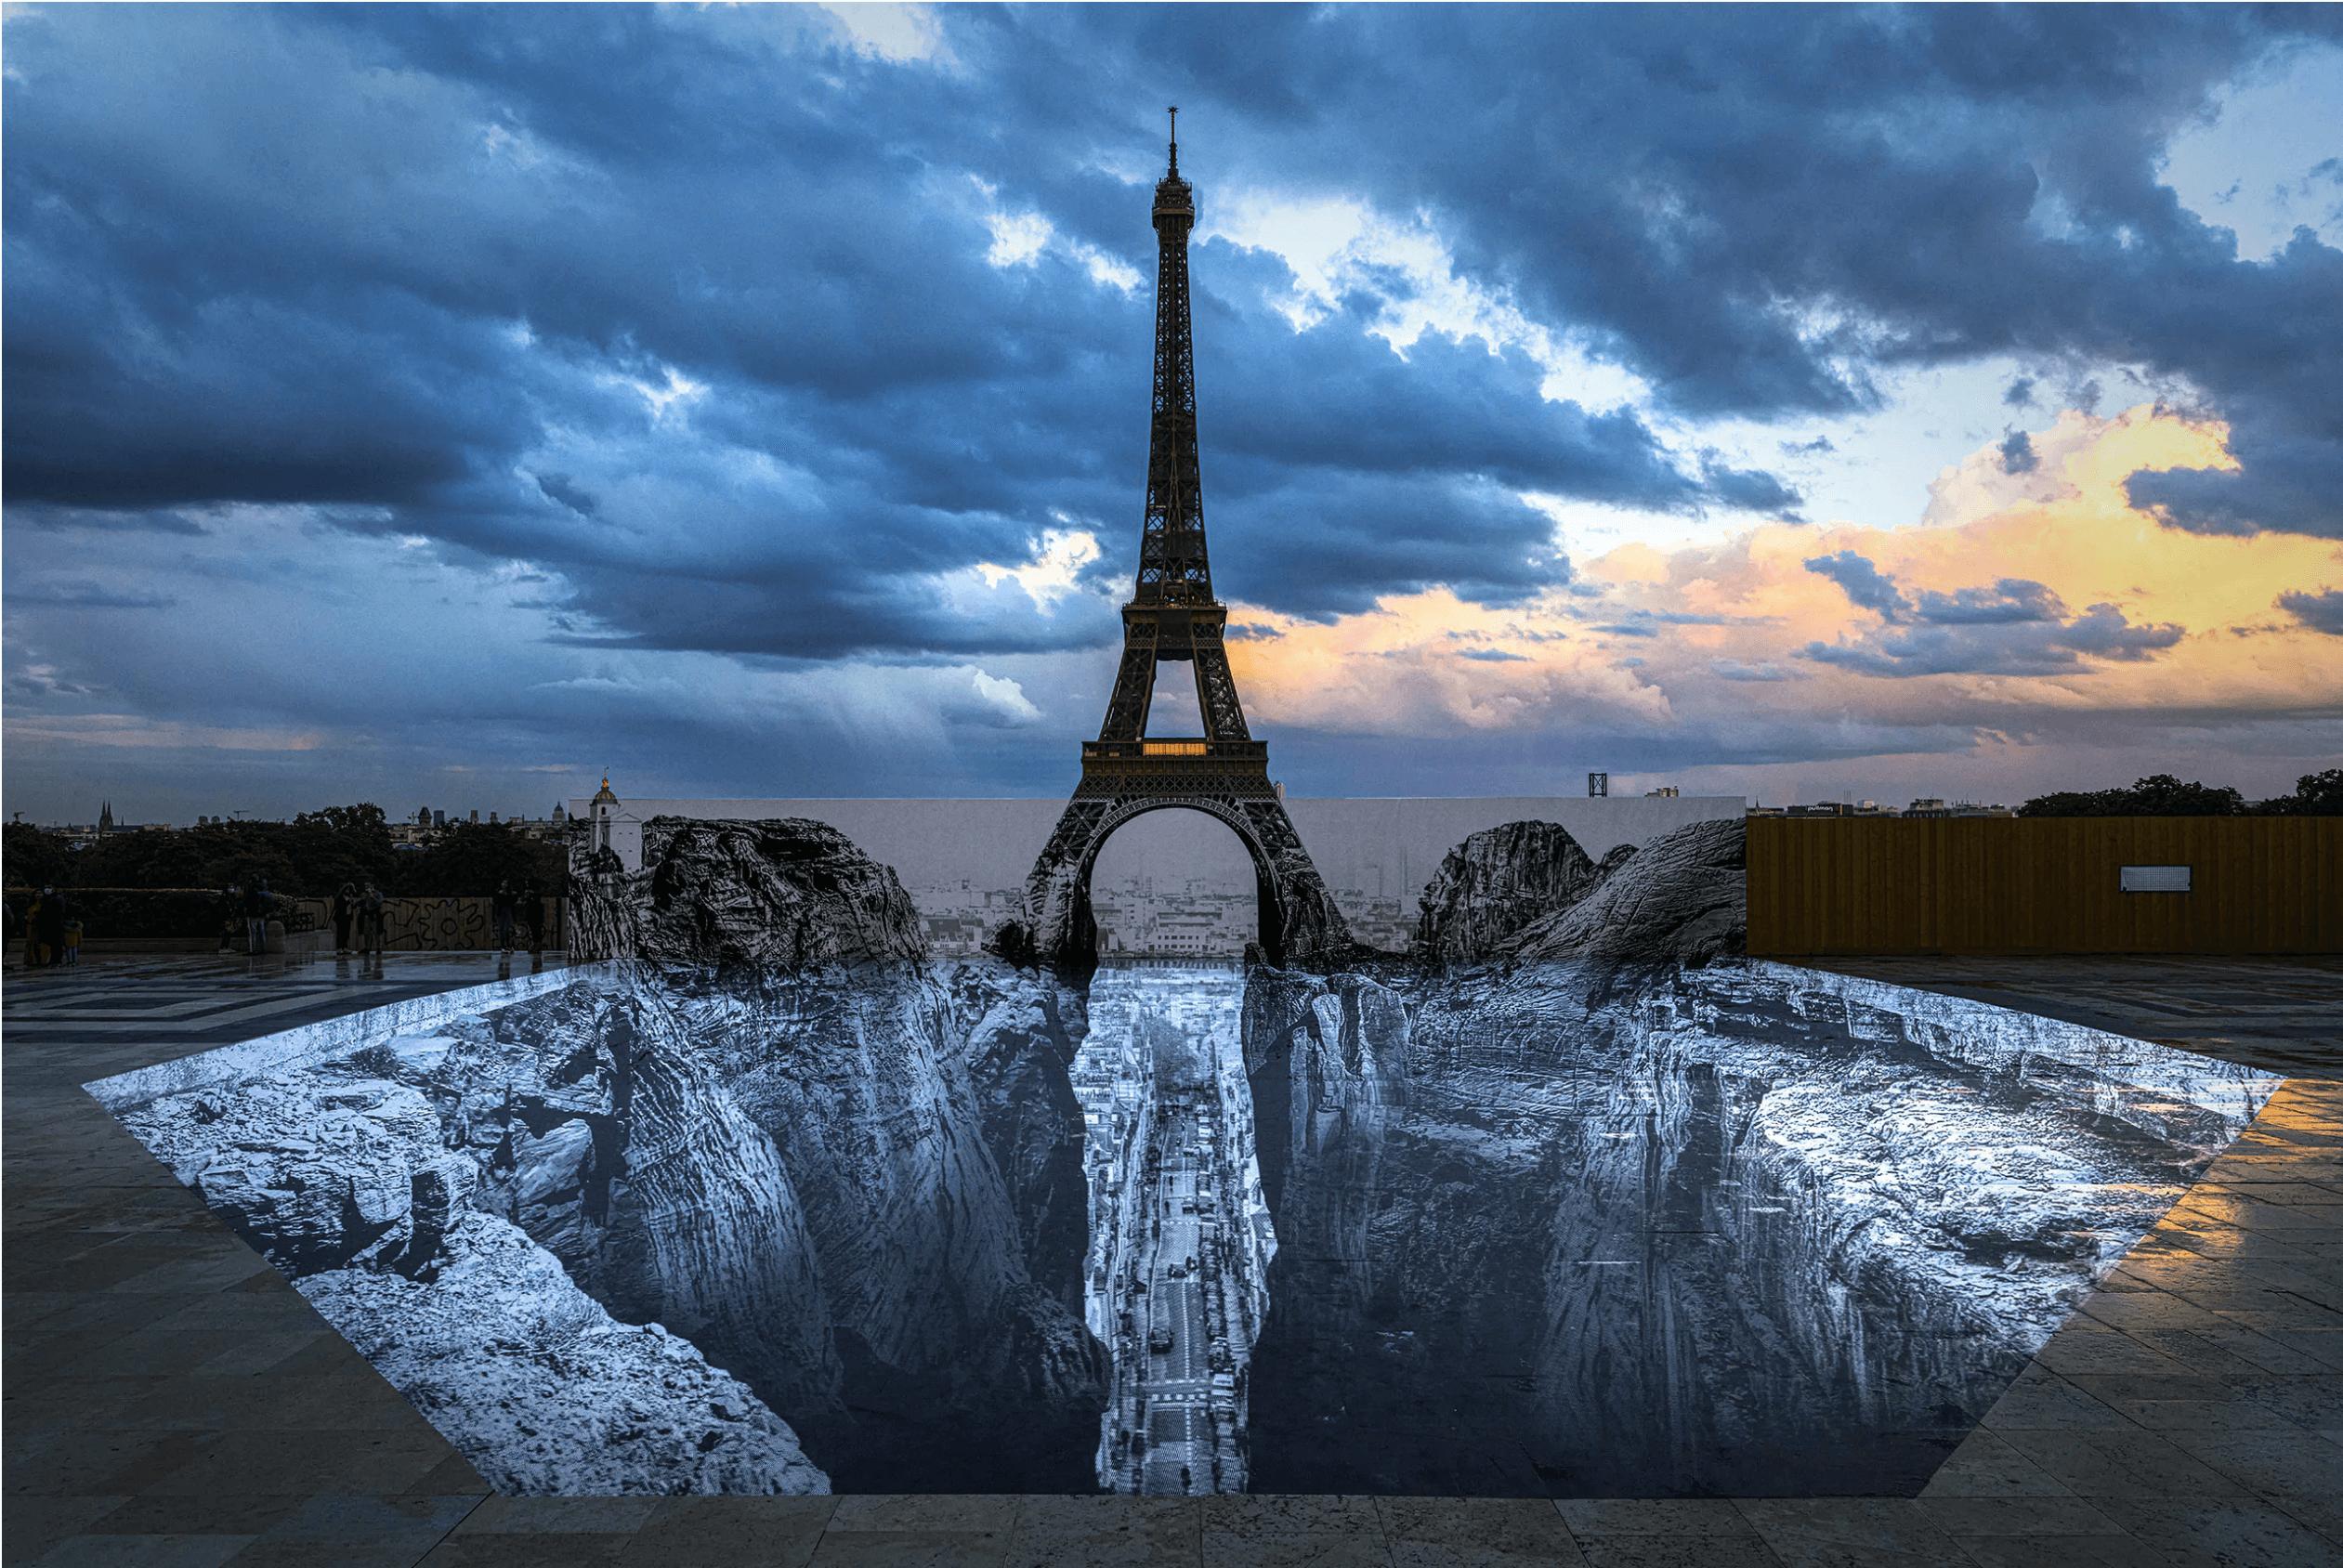 trompe l'oeil de l'artiste JR à la tour Eiffel